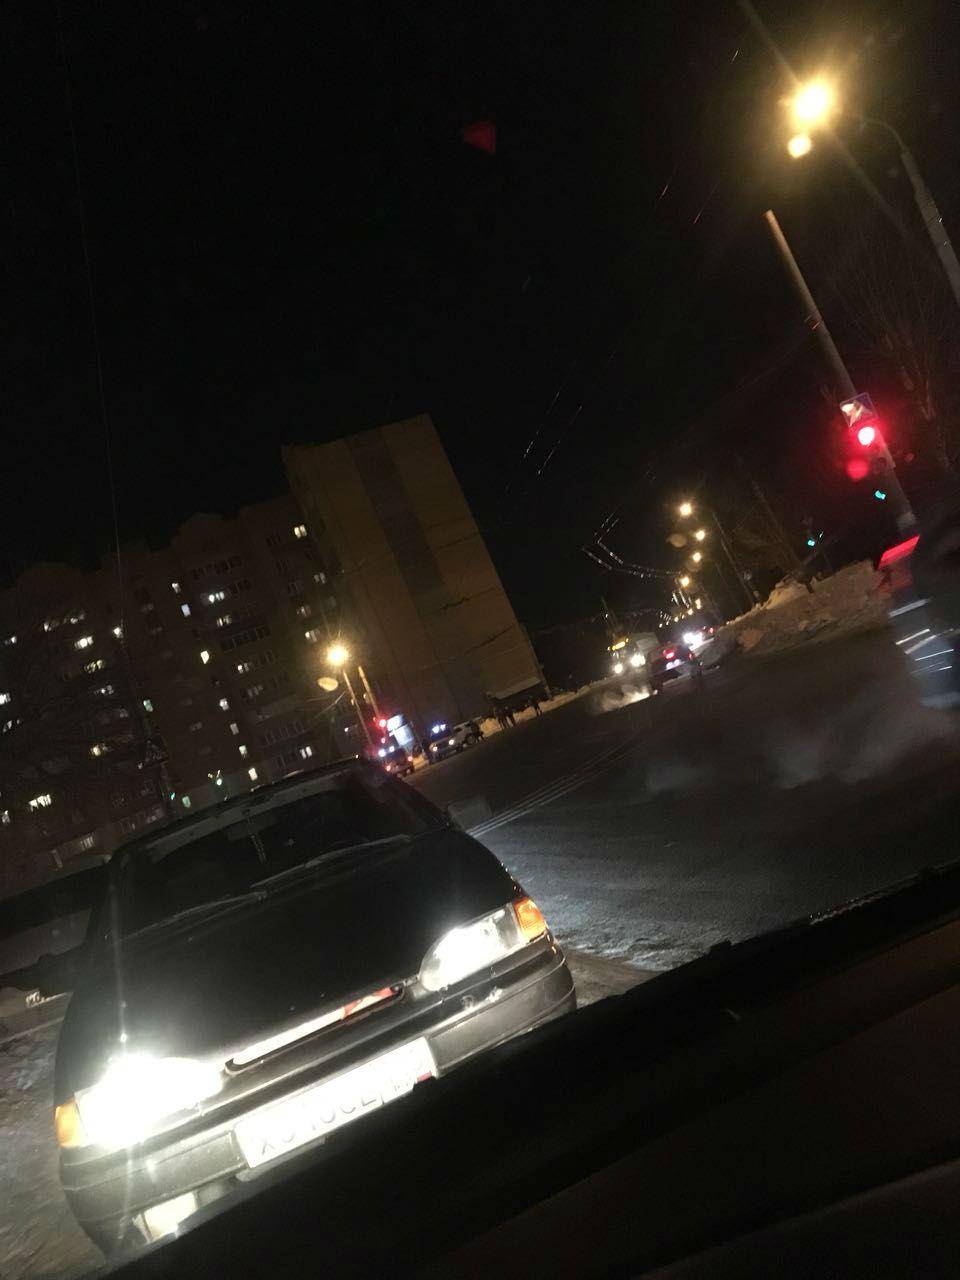 В Казани мужчина открыл стрельбу, есть раненные